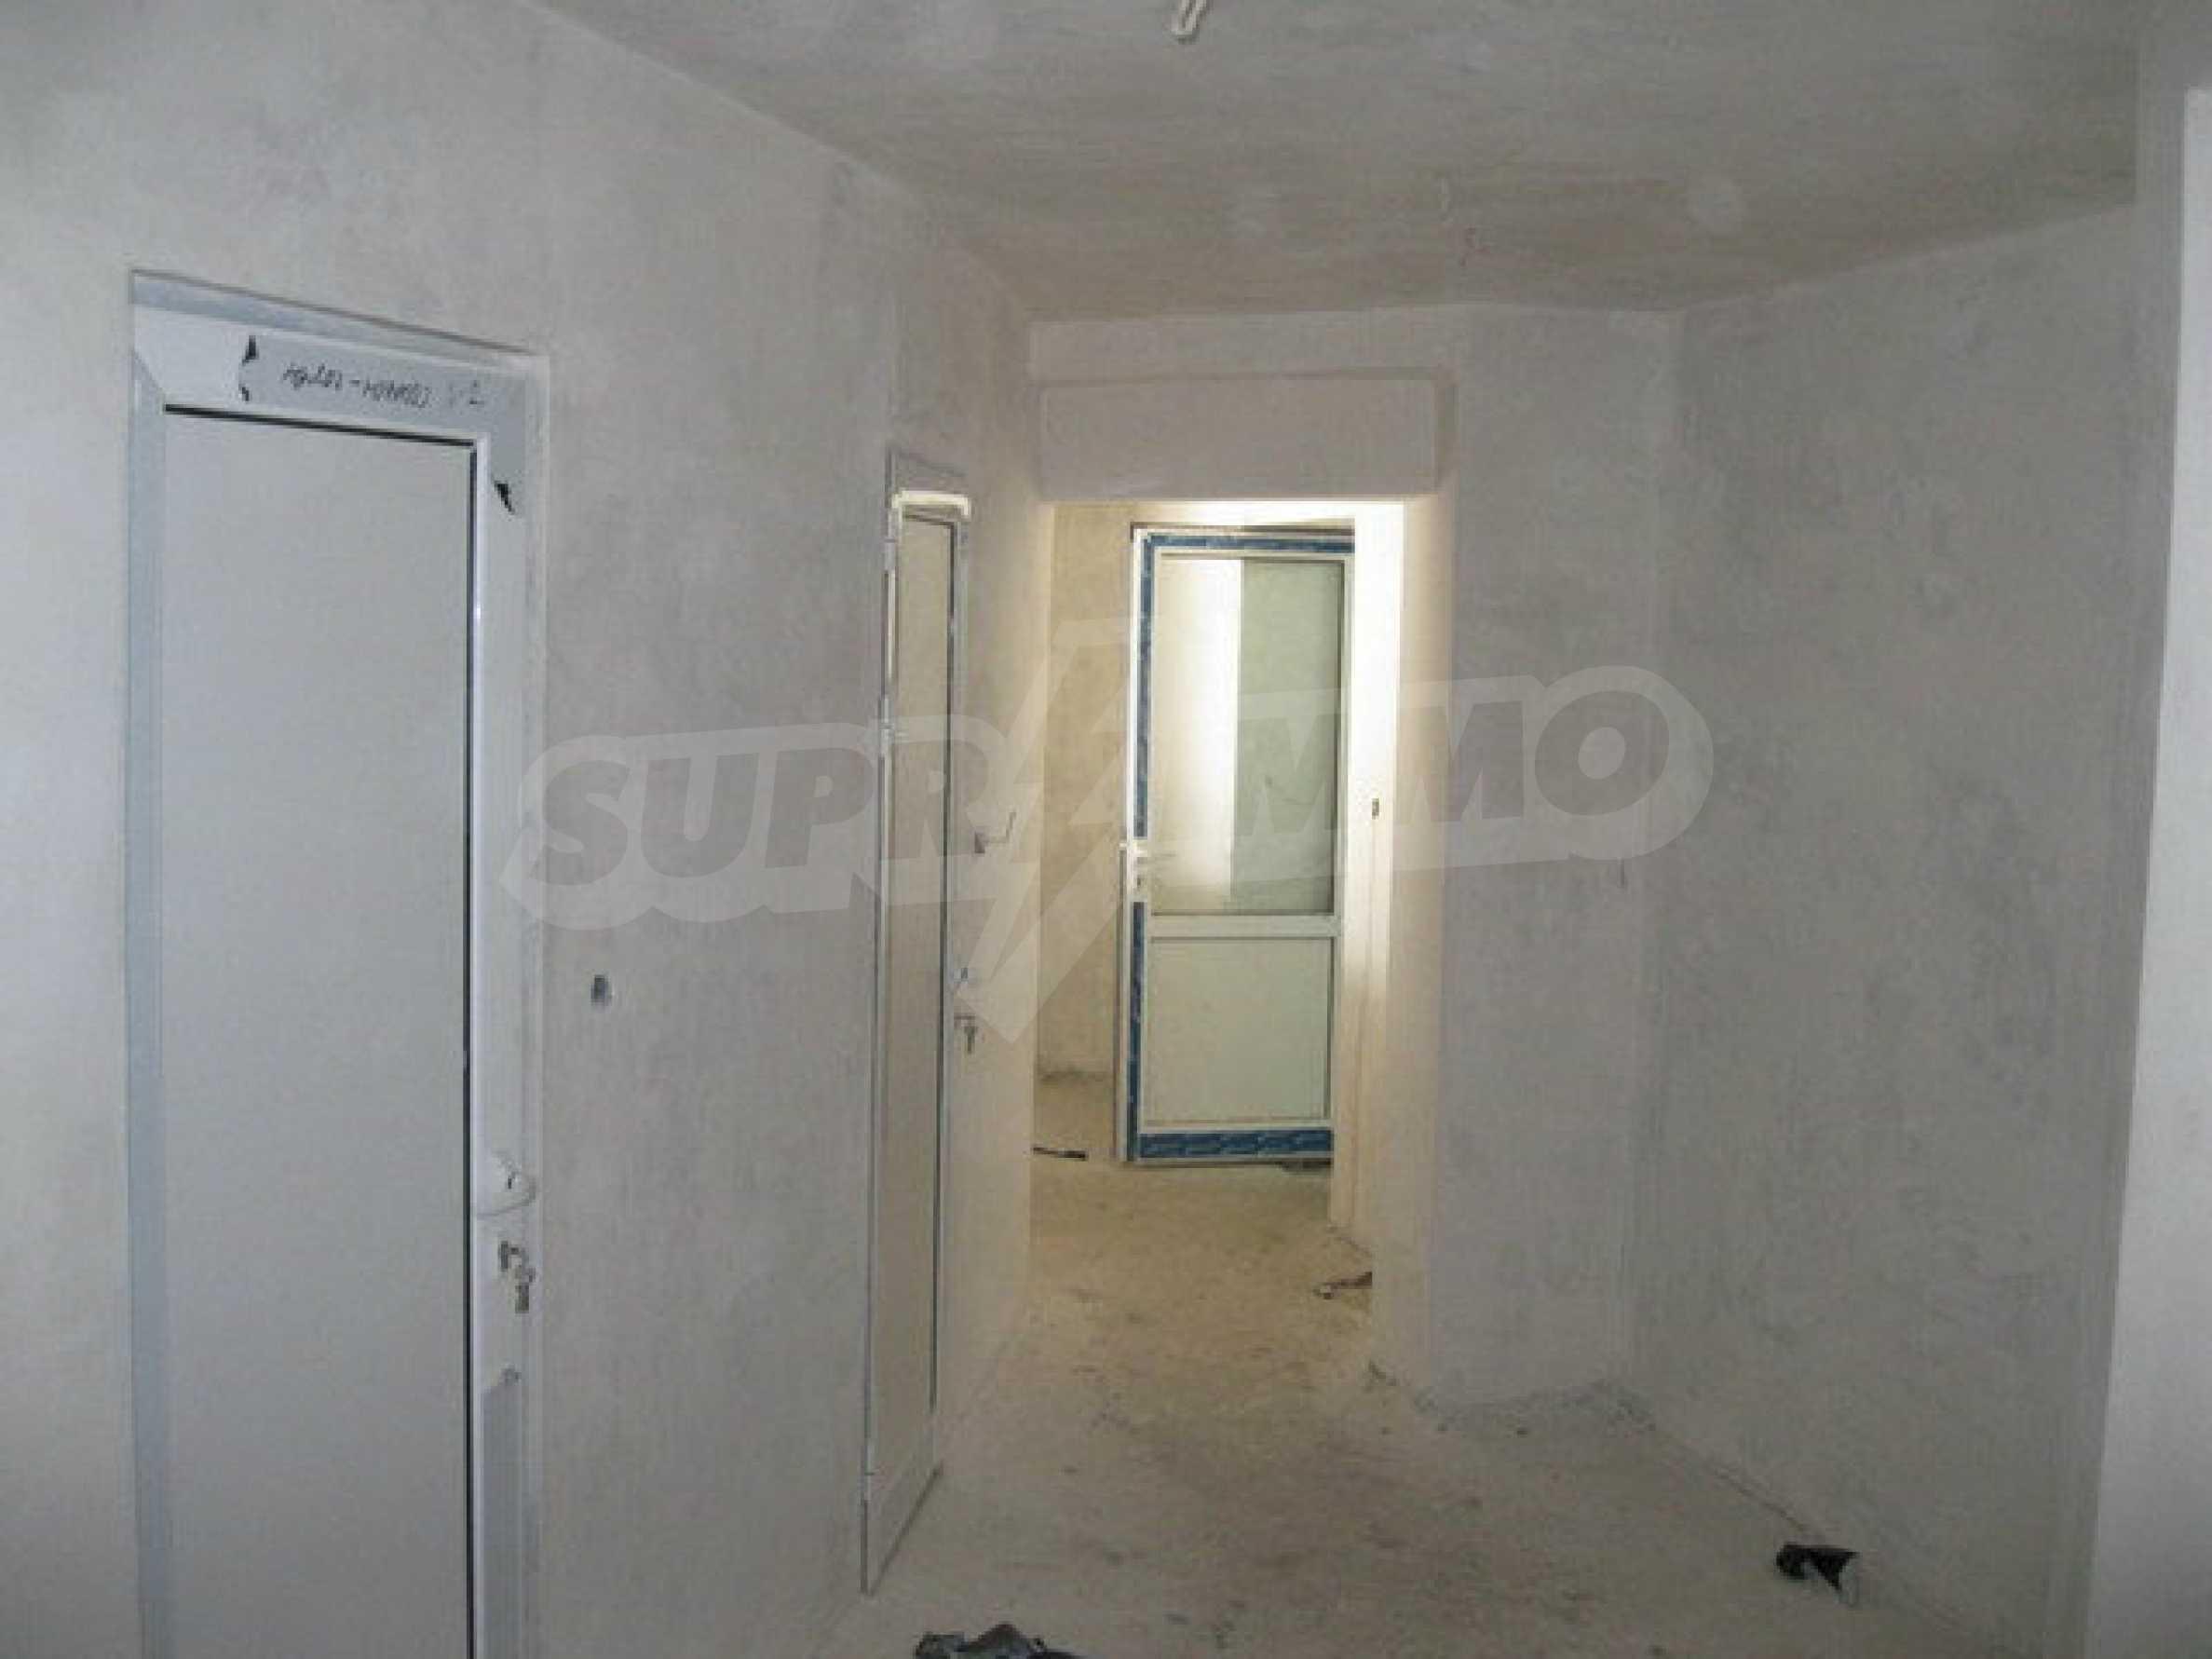 Здание, подходящее для разных видов бизнеса, расположенное в городе Велико Тырново 57